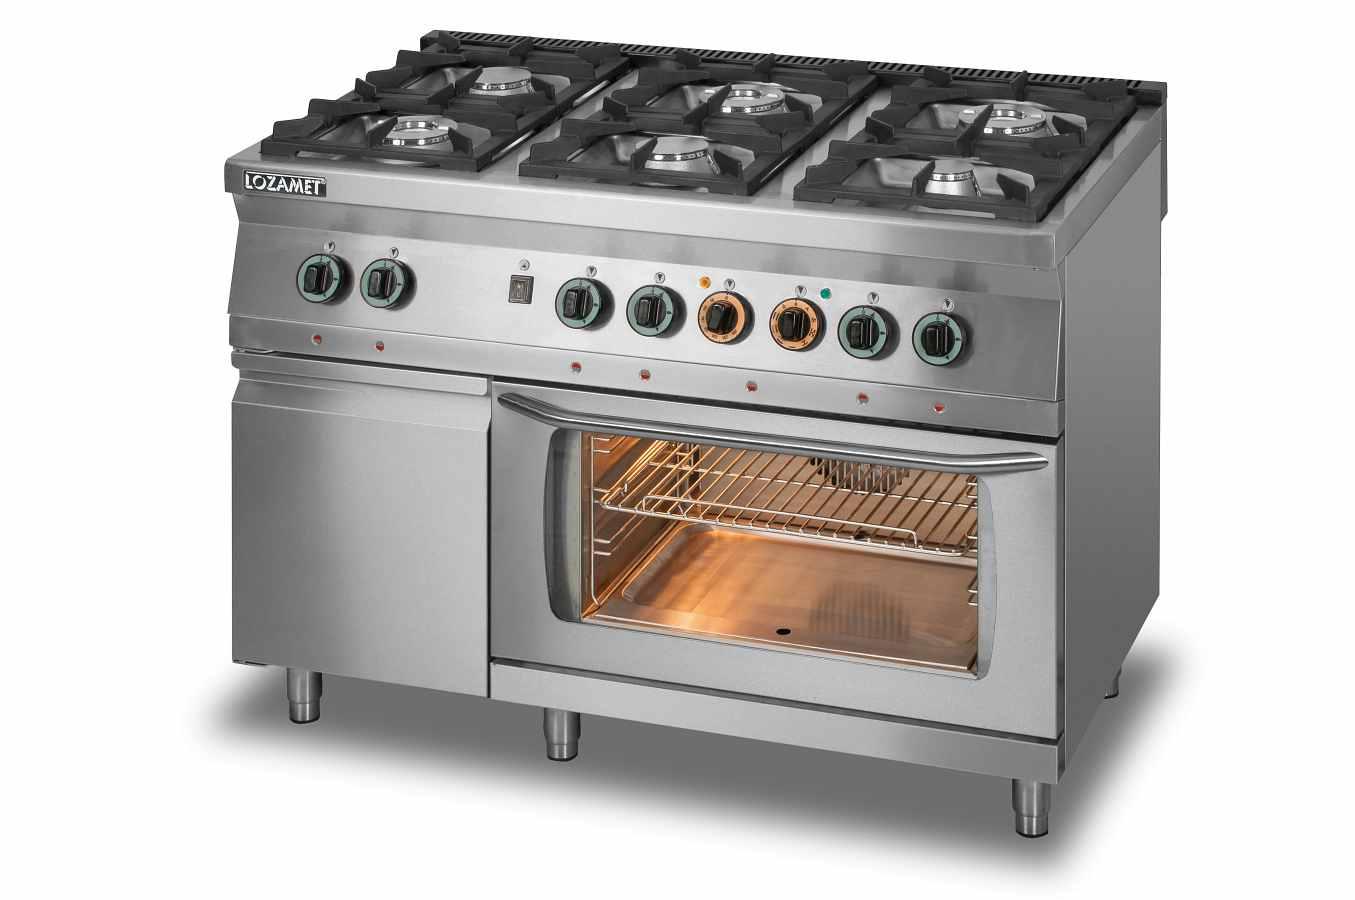 Kuchnie gazowe z piekarnikiem  KUCHNIA GAZOWA L700 KG6 PET+SD -> Kuchnie Gazowe Do Zabudowy Z Piekarnikiem Elektrycznym